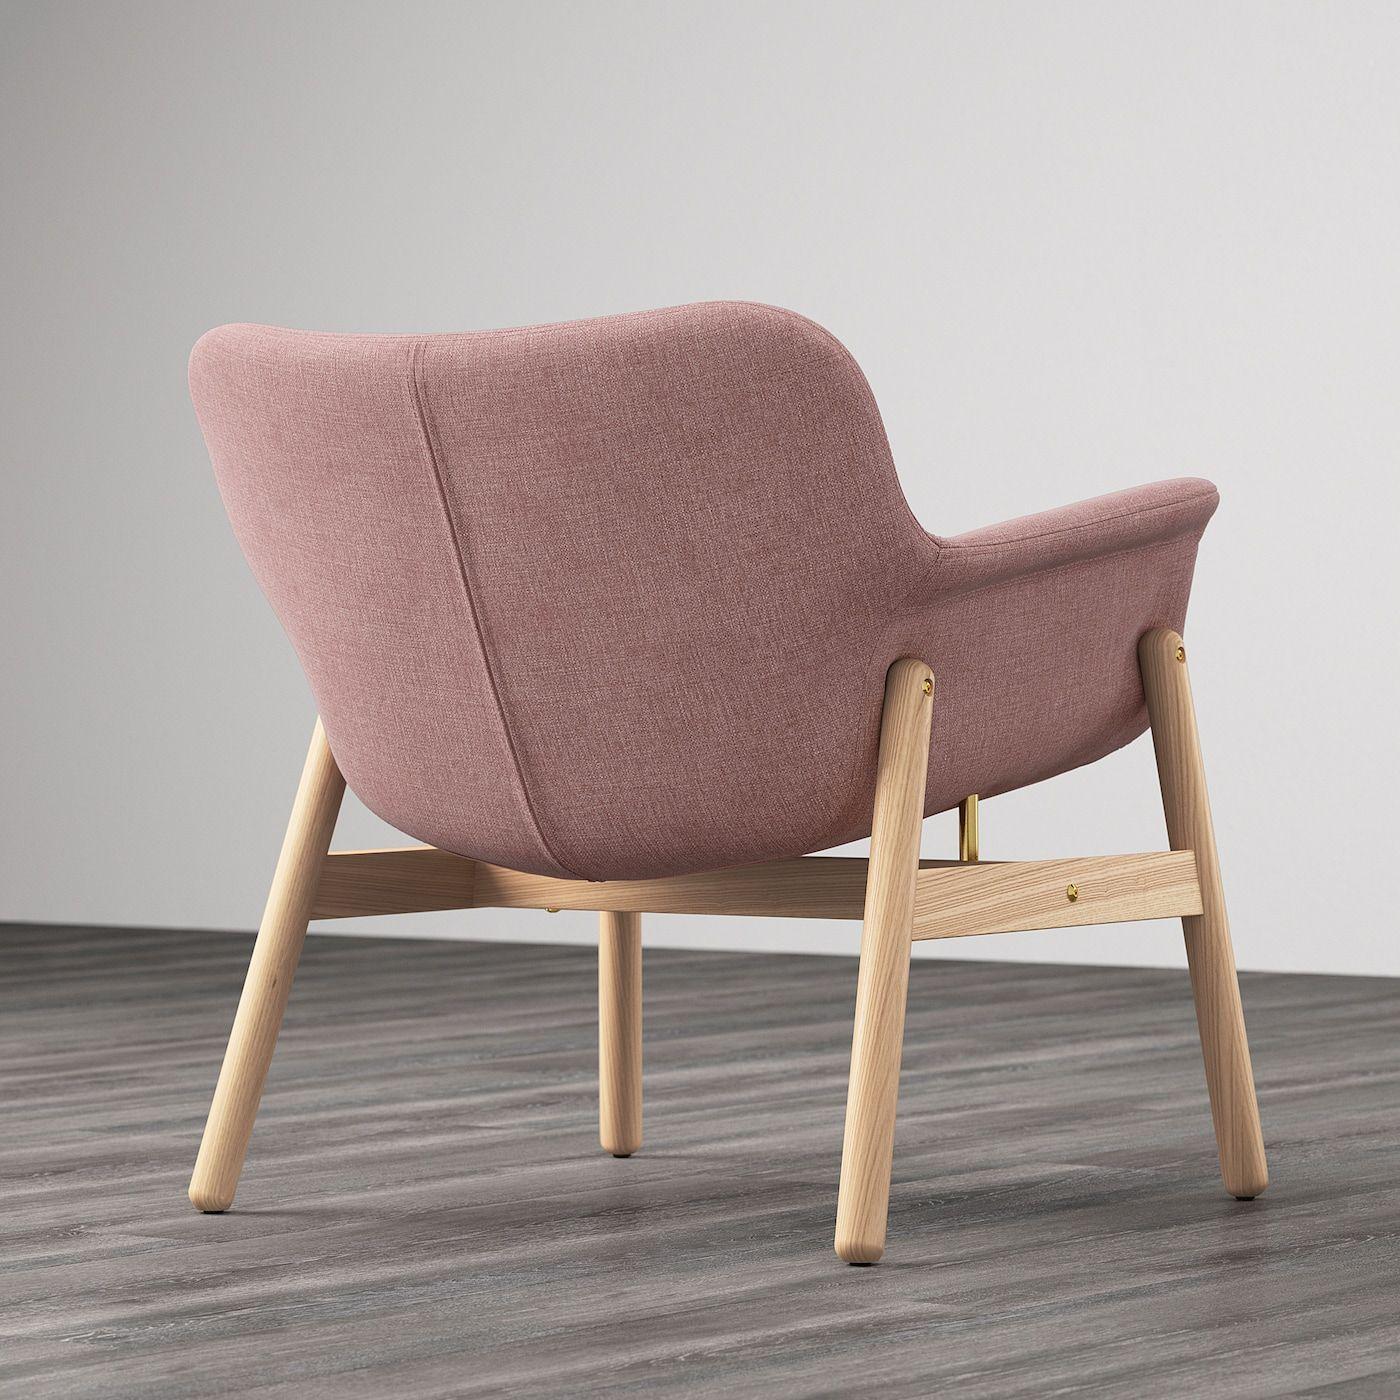 VEDBO Fauteuil, Gunnared oudroze IKEA